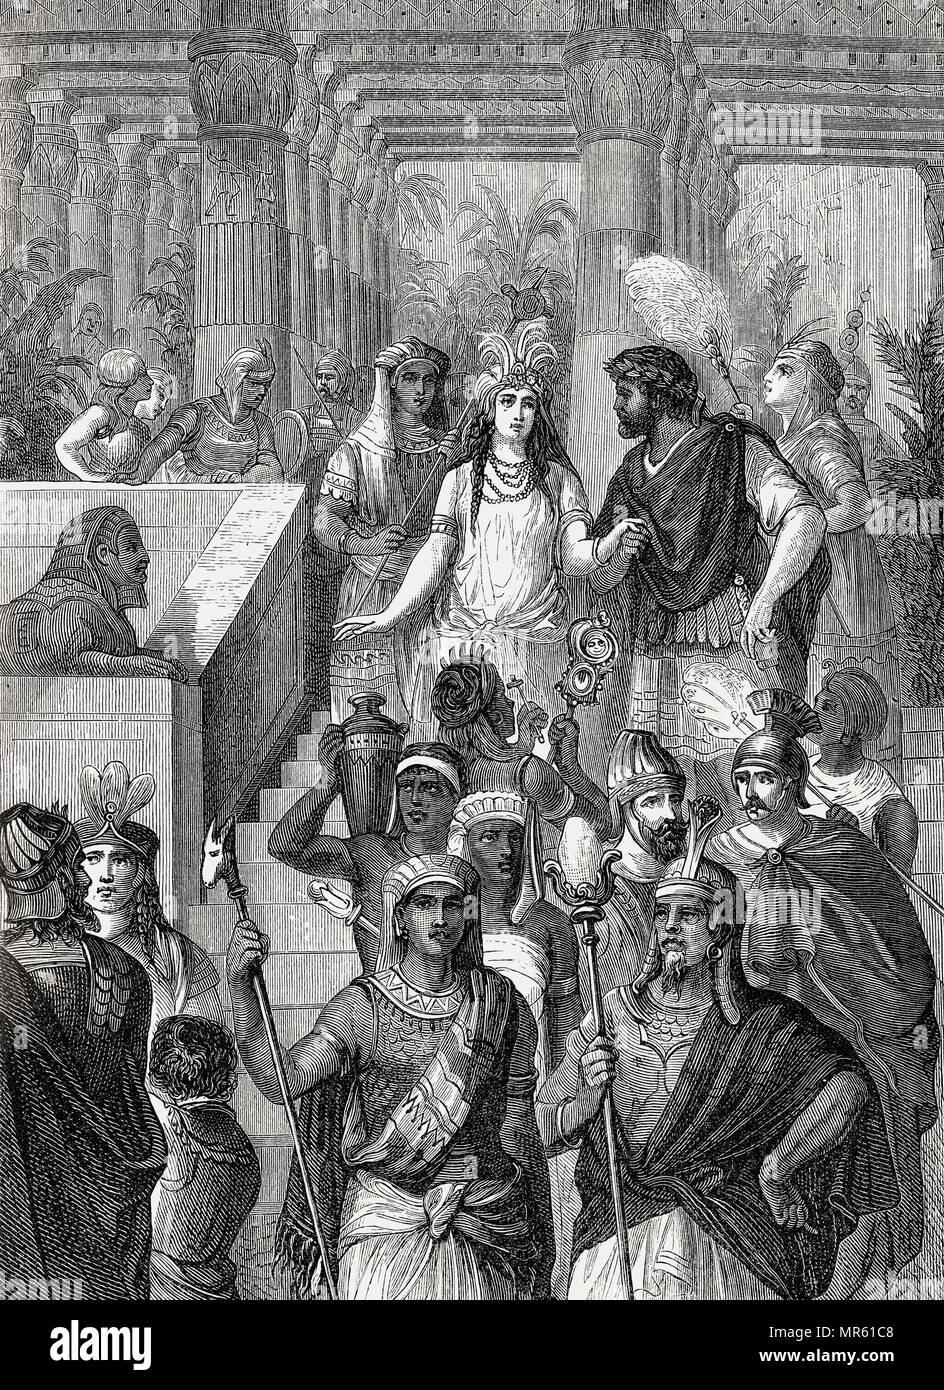 Hochzeit von Masinissa, c 238 v. Chr. - 148 v. Chr., der erste König von Numidien und Sophonisba, eine karthagische Adlige Stockbild